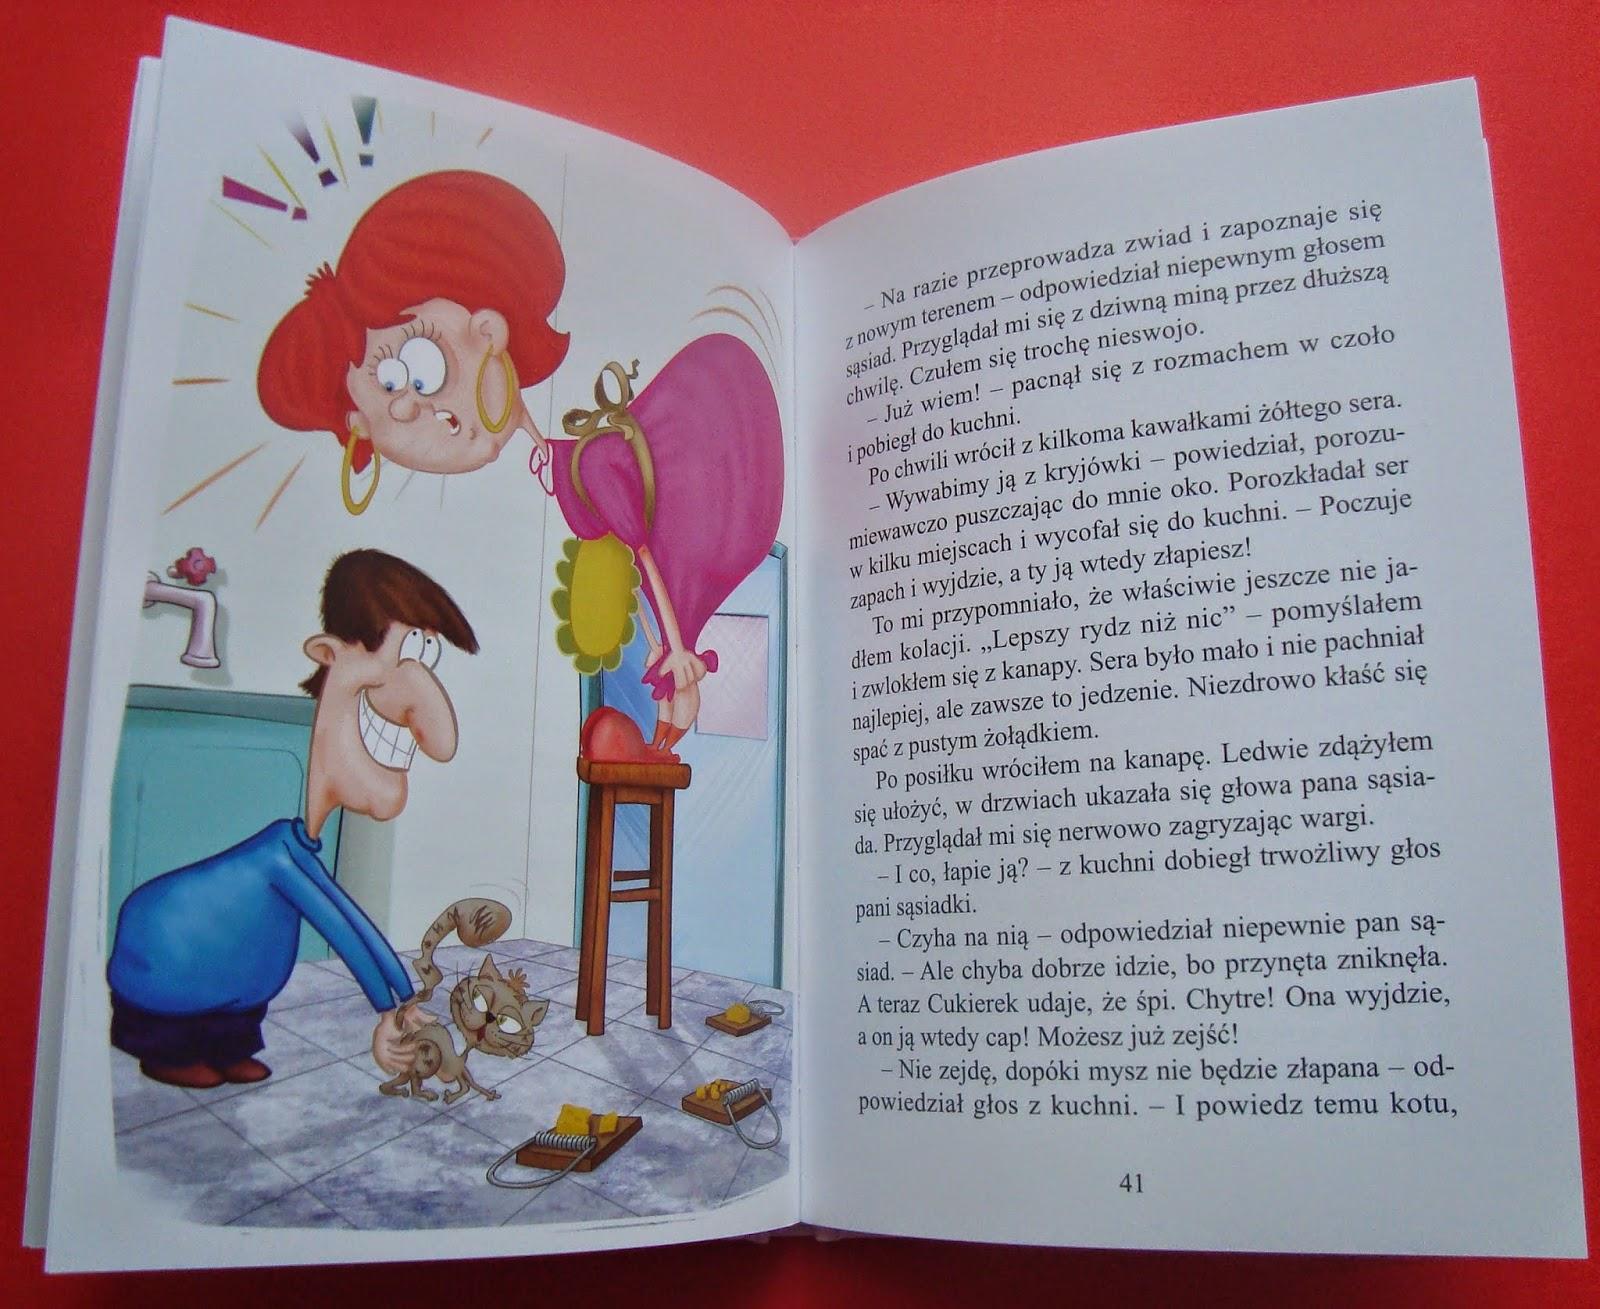 jak się masz cukierku, książka z humorem, dreams, recenzja